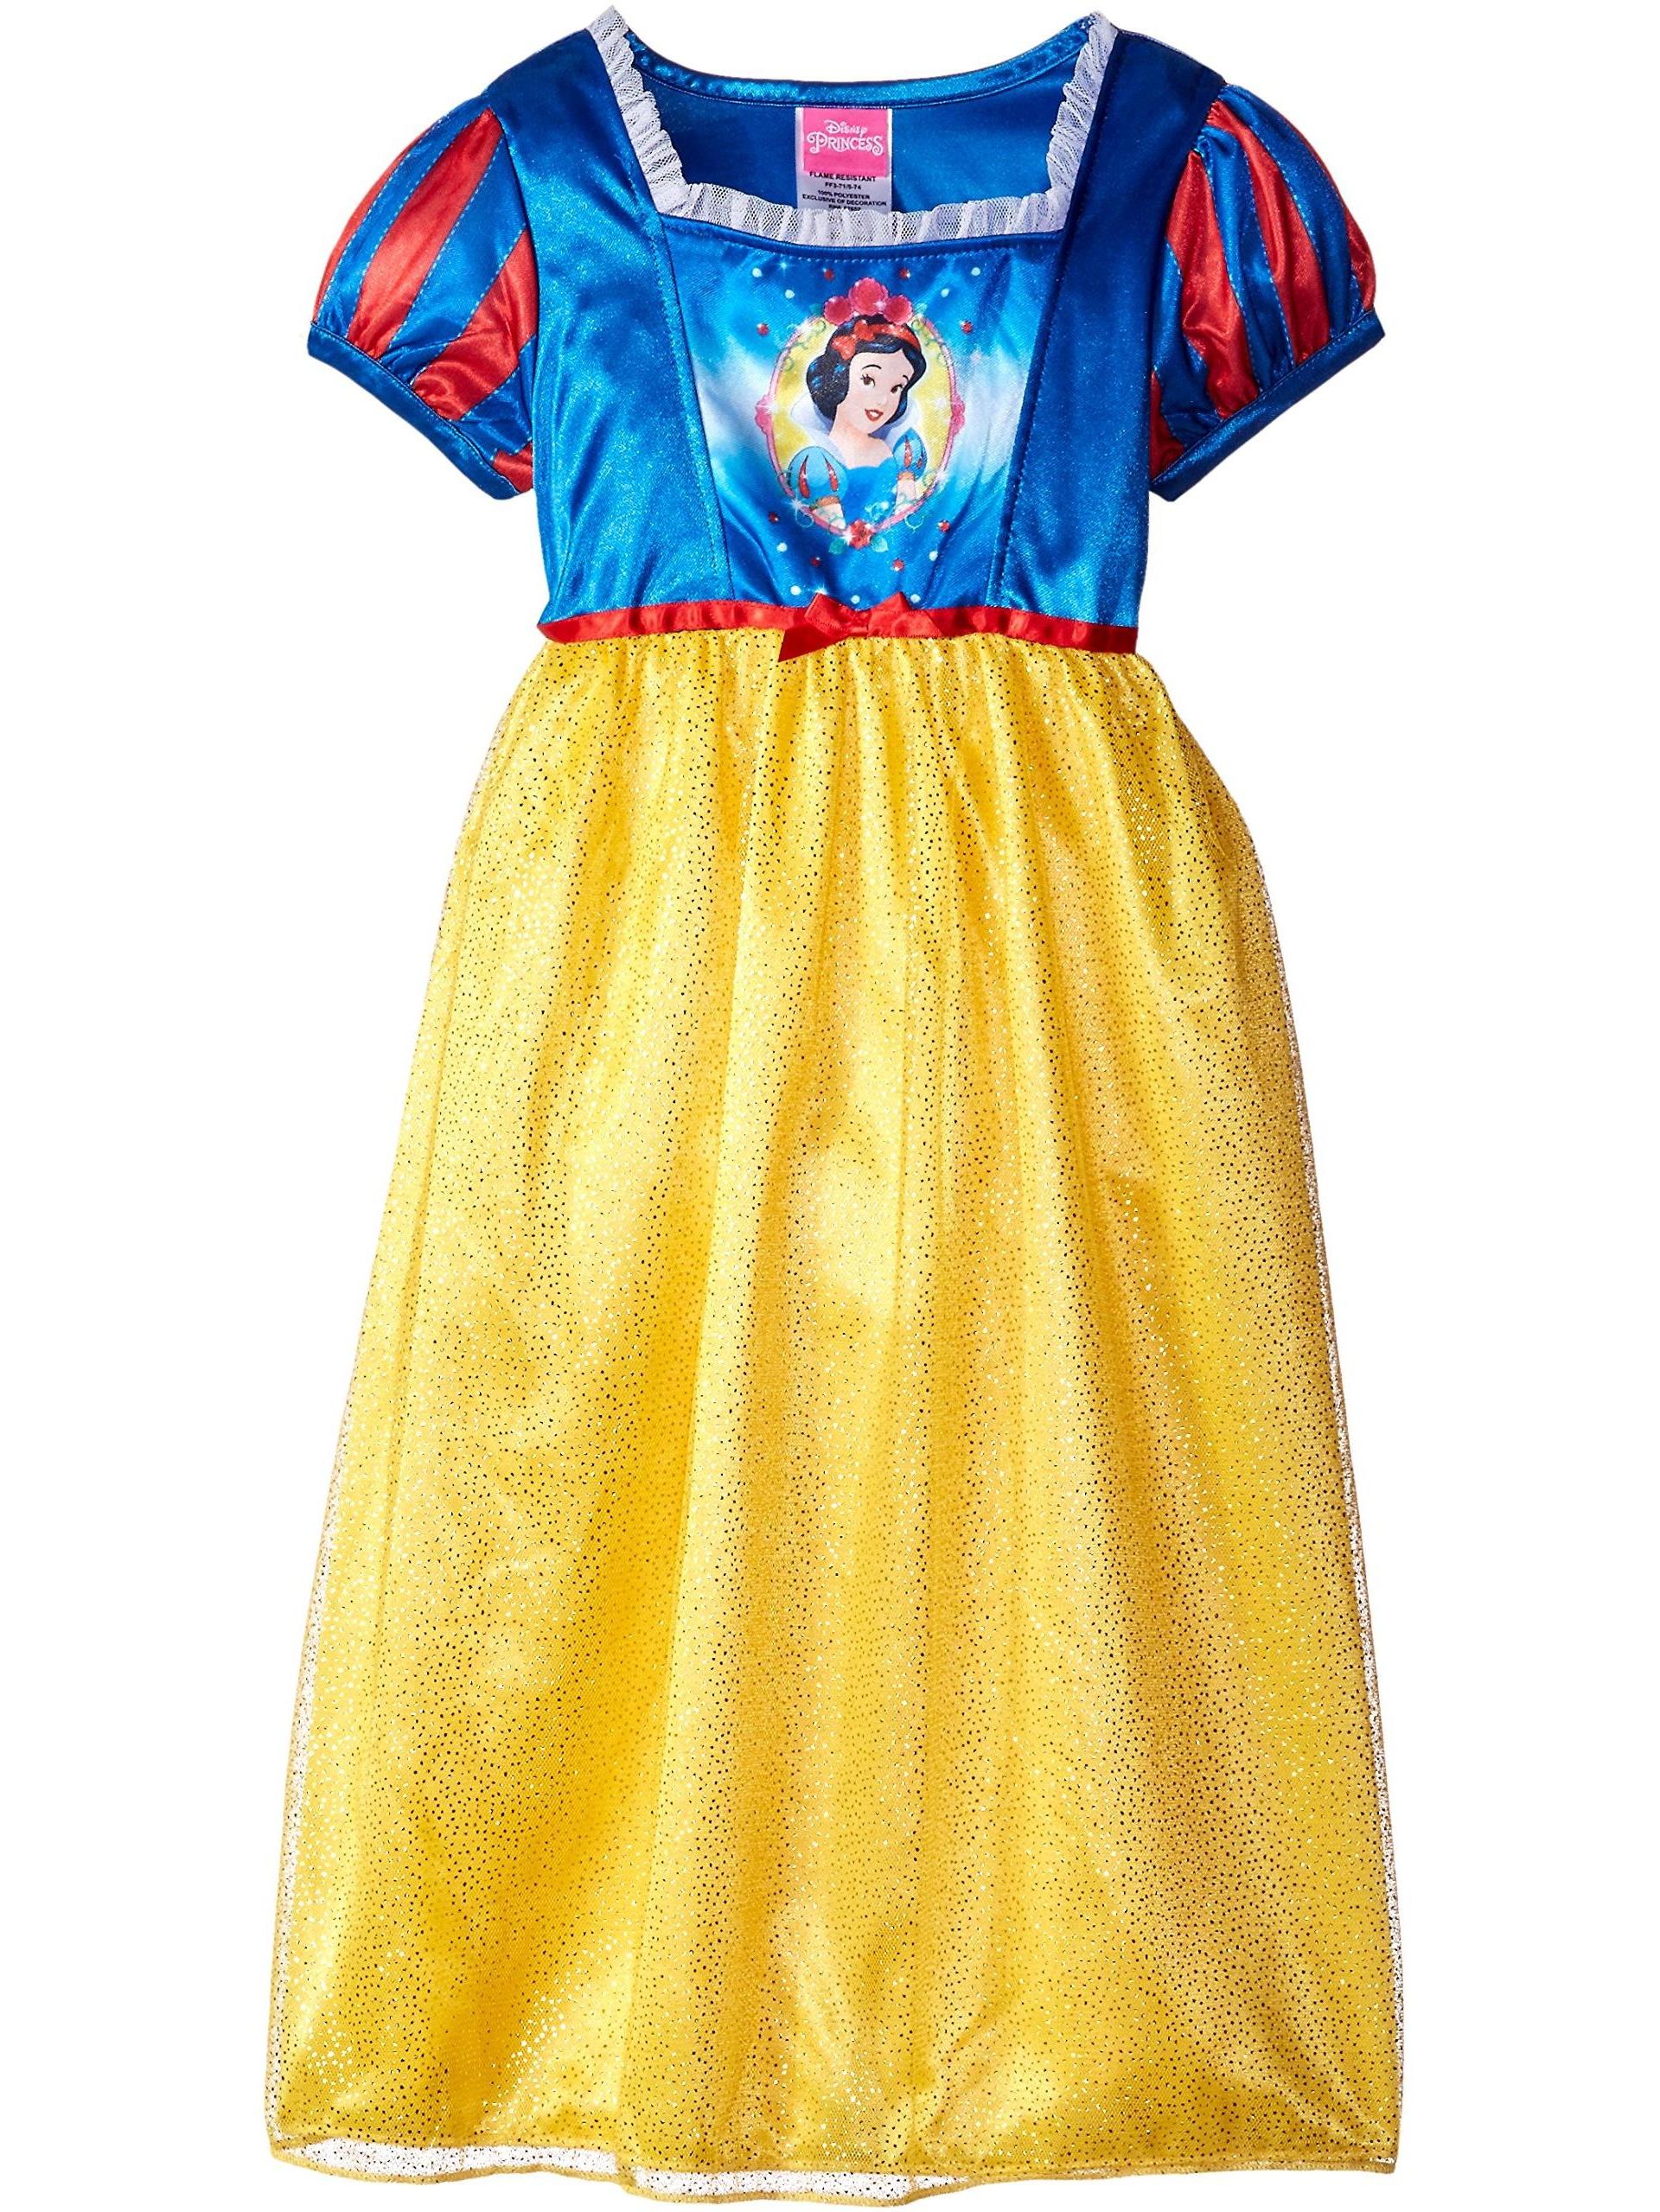 Disney Princess Girls' Snow White Fantasy Nightgown, Gown Sizes 4-8, Yellow, Size: 6